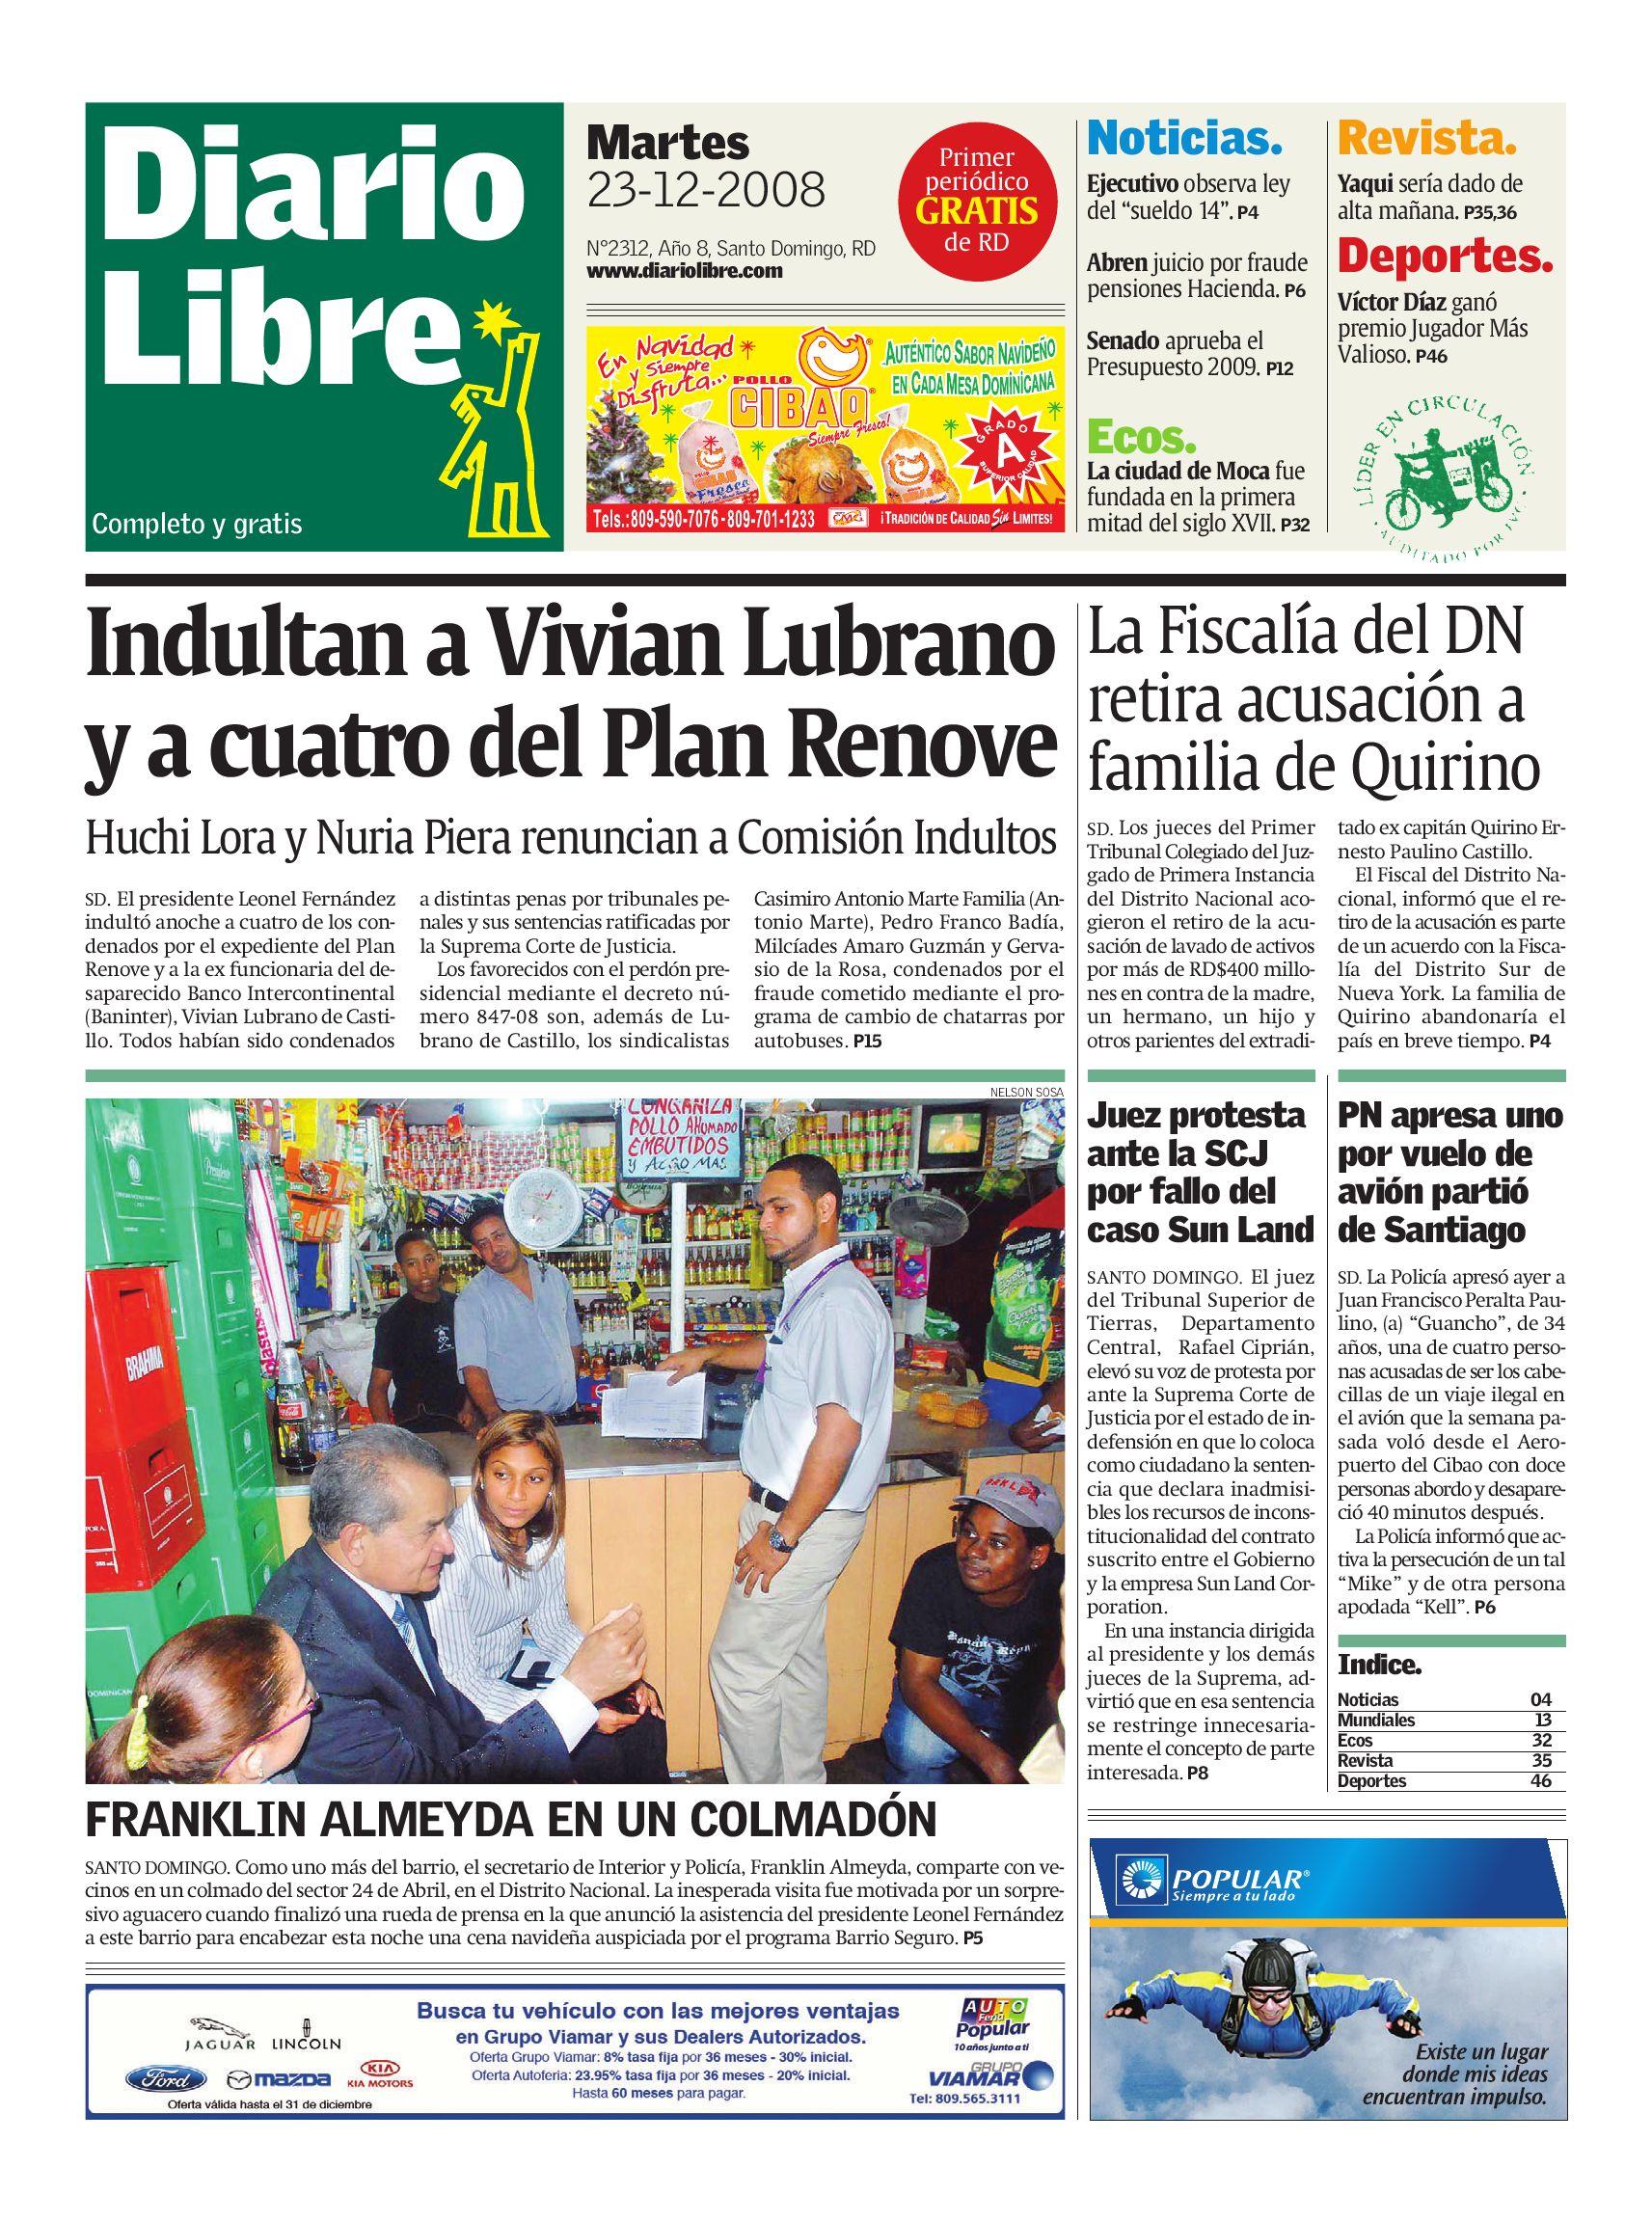 diariolibre2312 by Grupo Diario Libre, S. A. - issuu